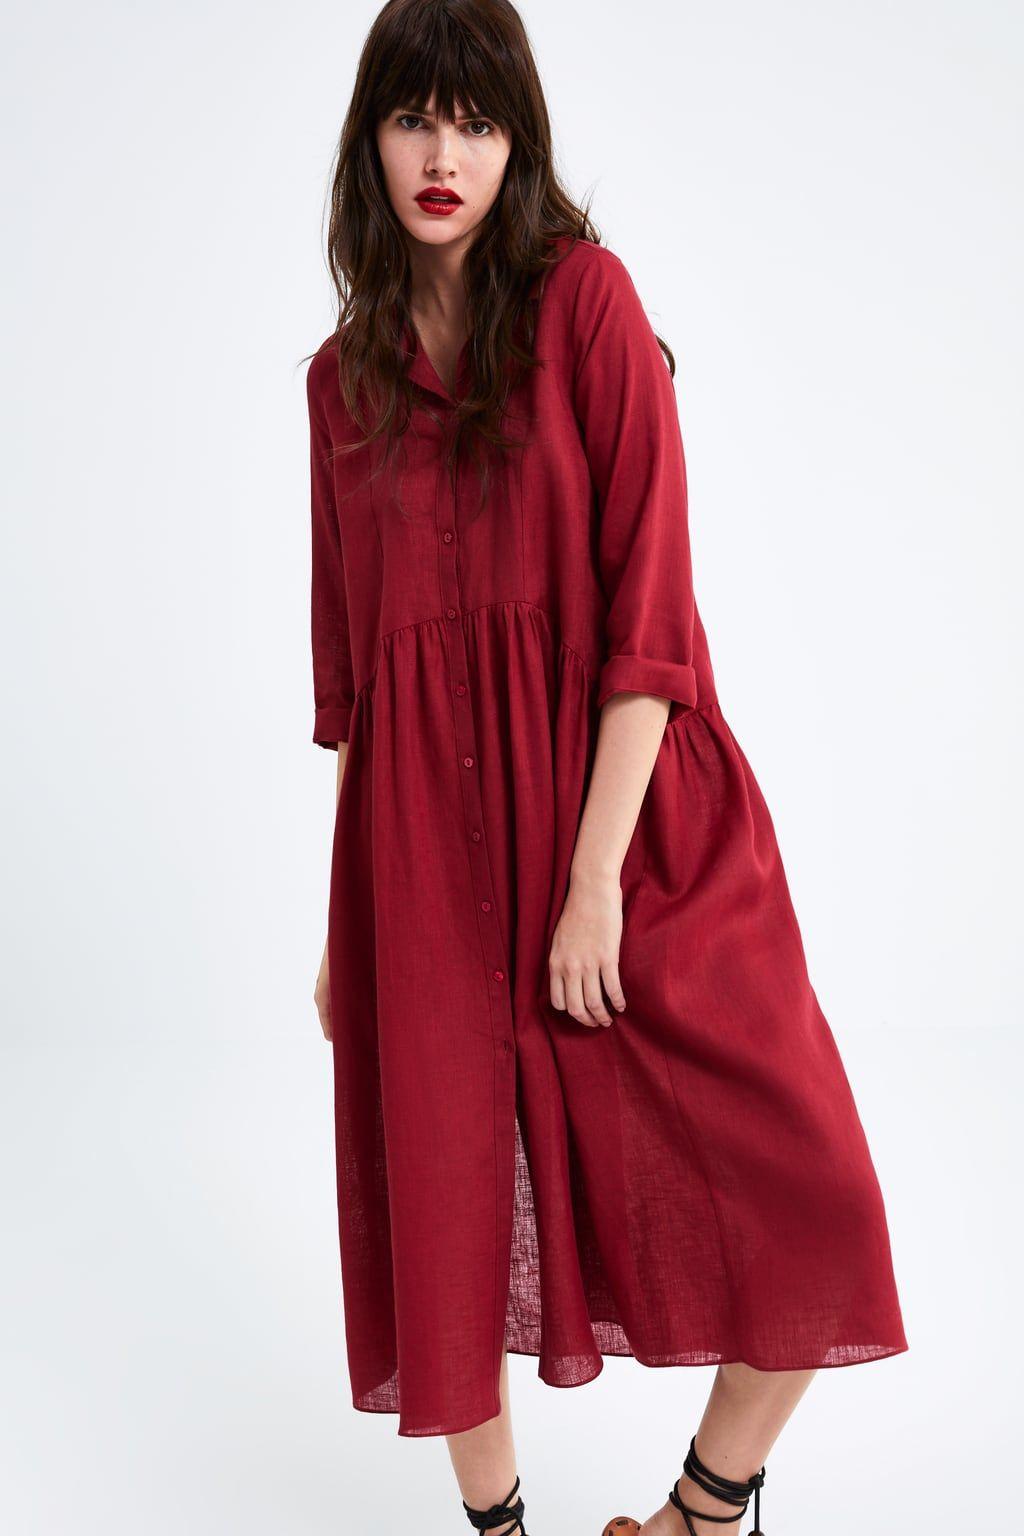 cb83a0d8c0 Long linen dress in 2019   wear   Linen dresses, Zara dresses, Dresses